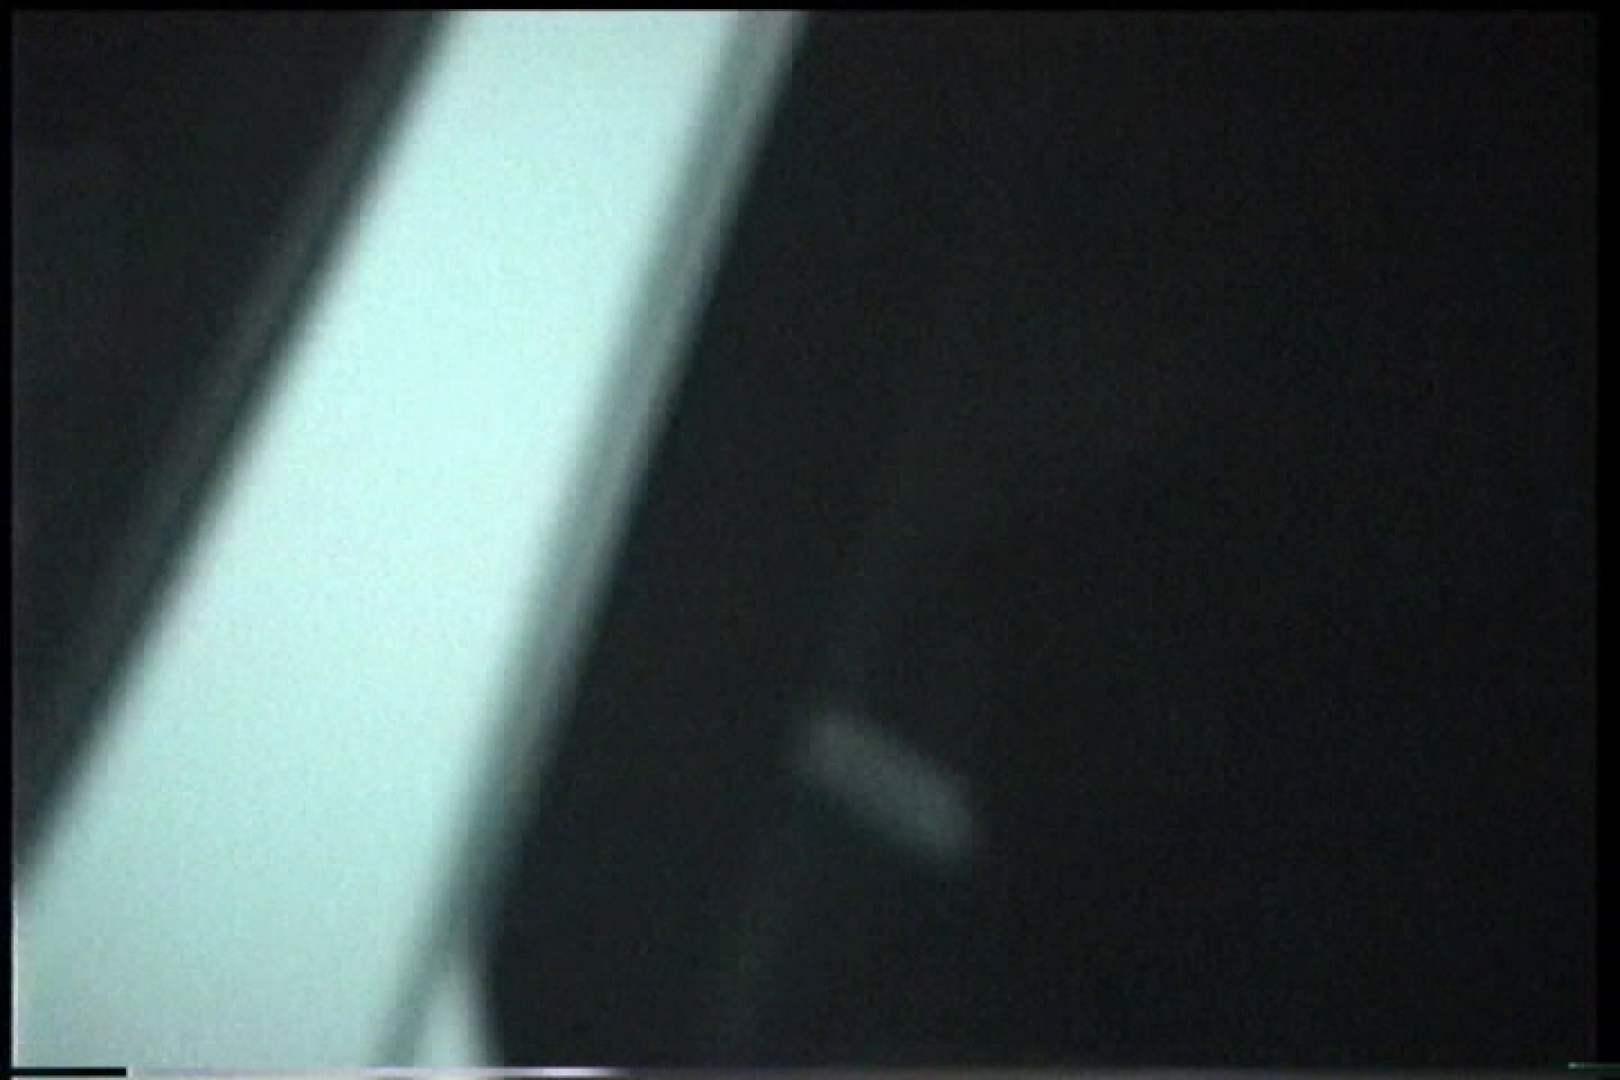 充血監督の深夜の運動会Vol.177 後編 OLセックス | 性欲  71画像 19